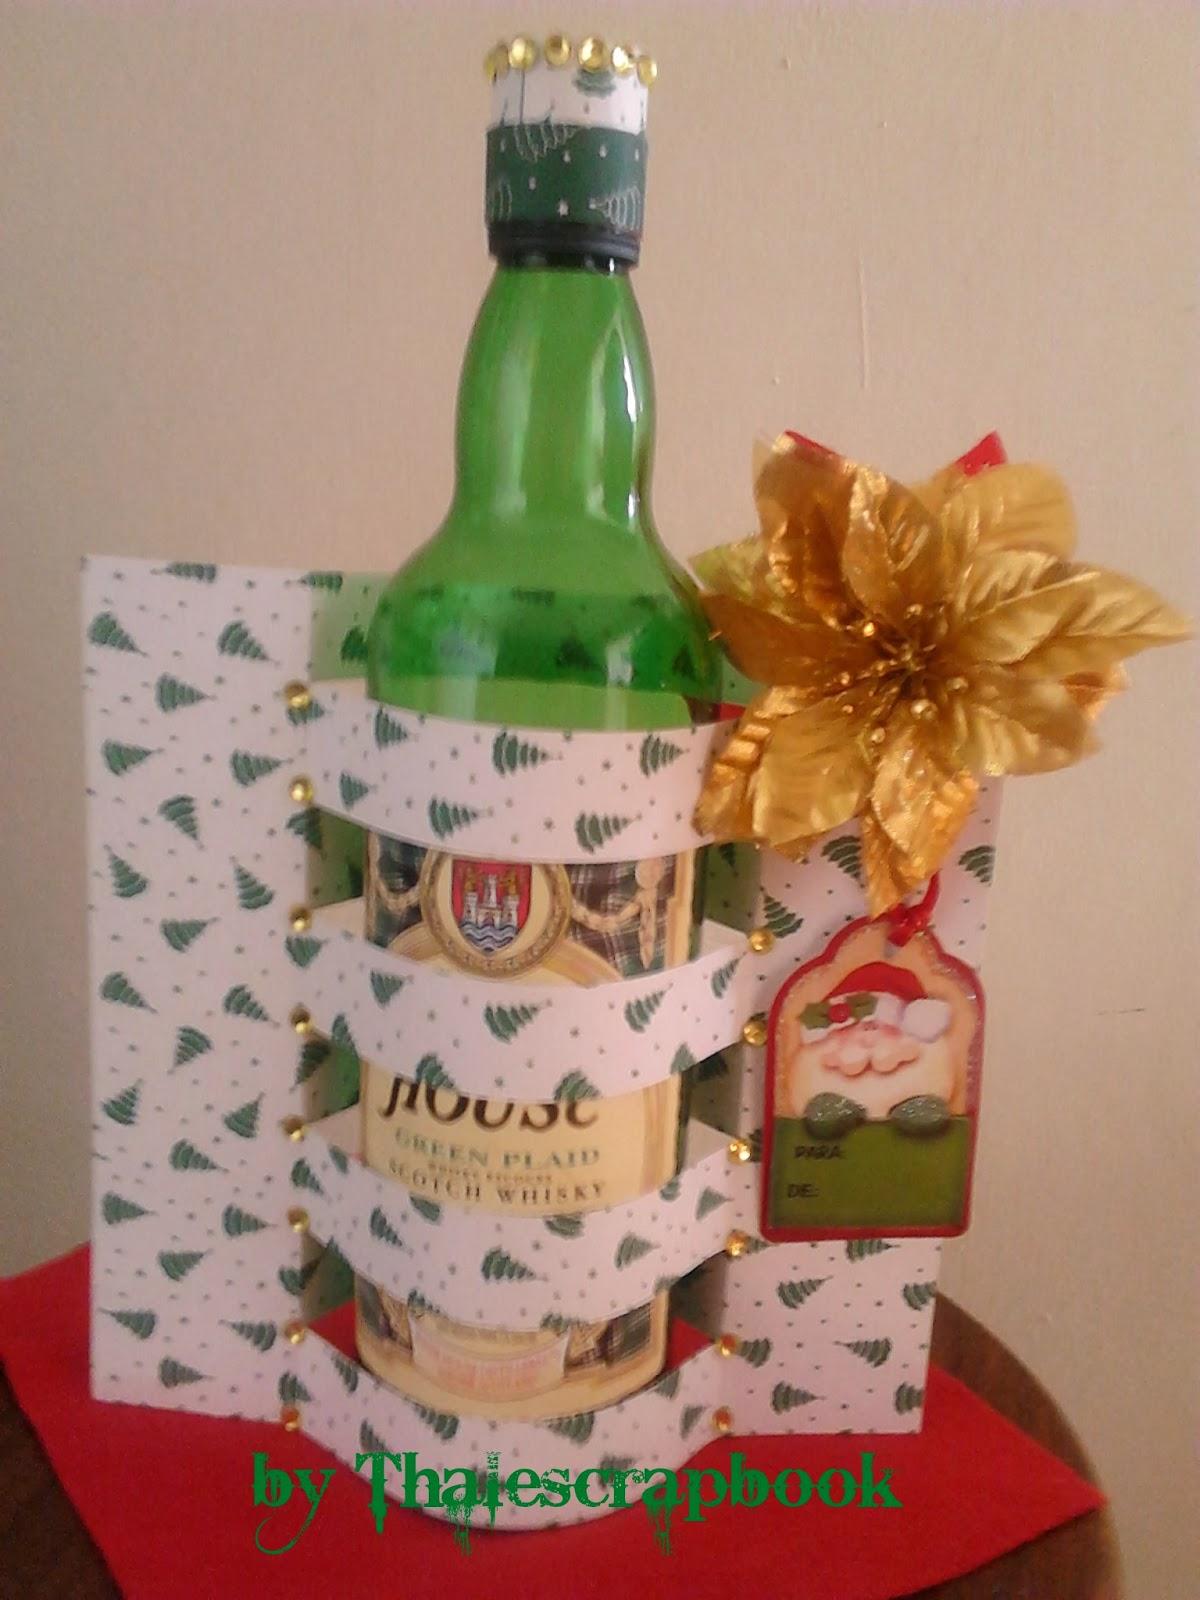 Comprar ofertas platos de ducha muebles sofas spain for Como decorar la mesa de navidad